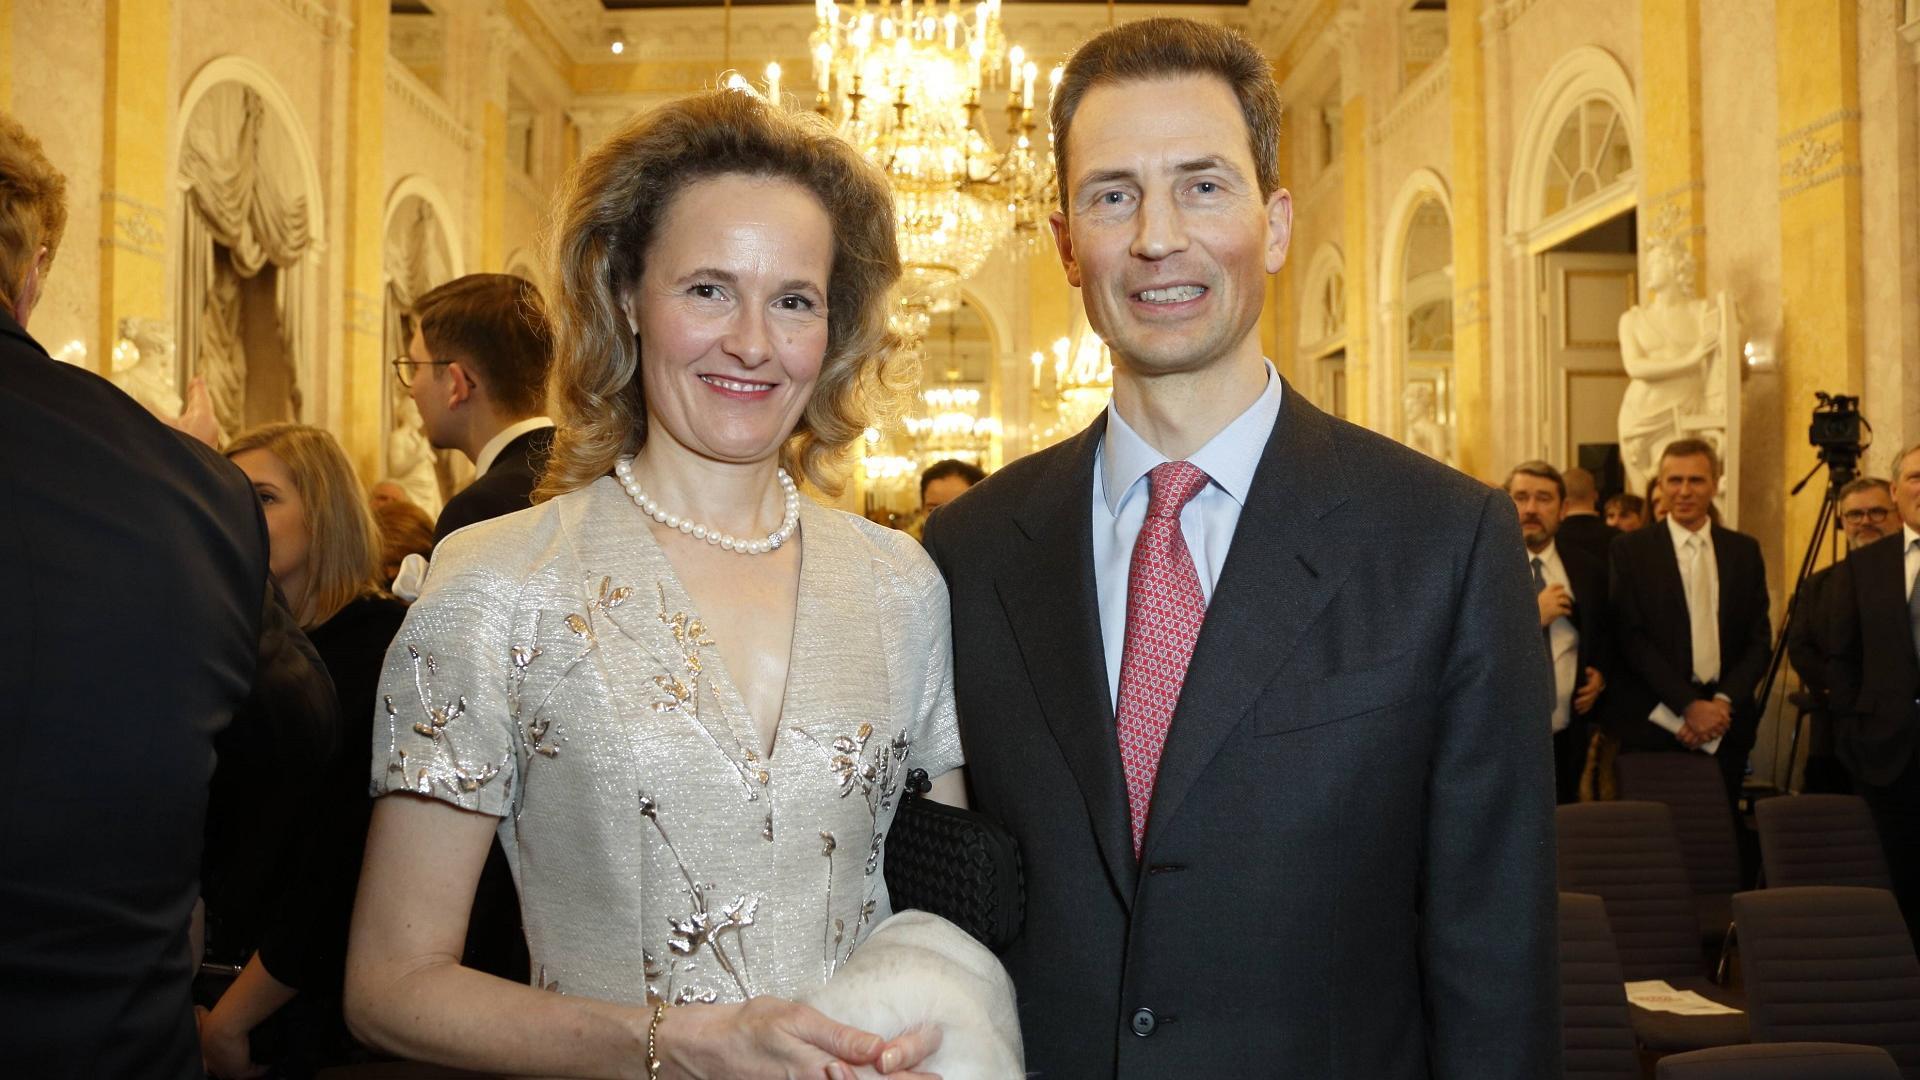 Fürst Alois von Liechtenstein und seine Frau auf einer Eröffnung